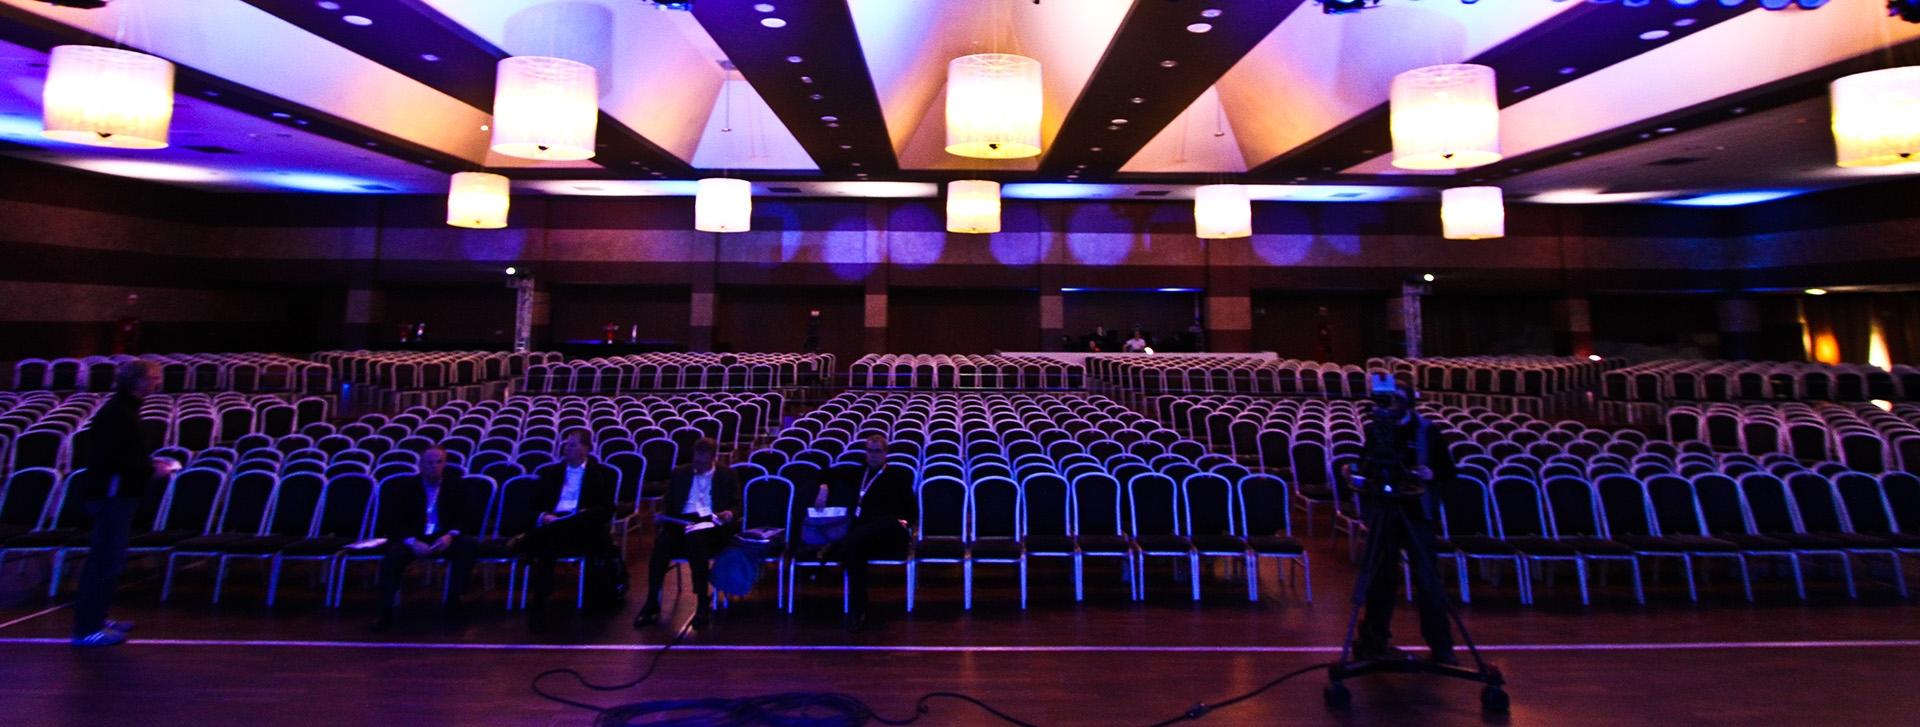 Auditorium_00026